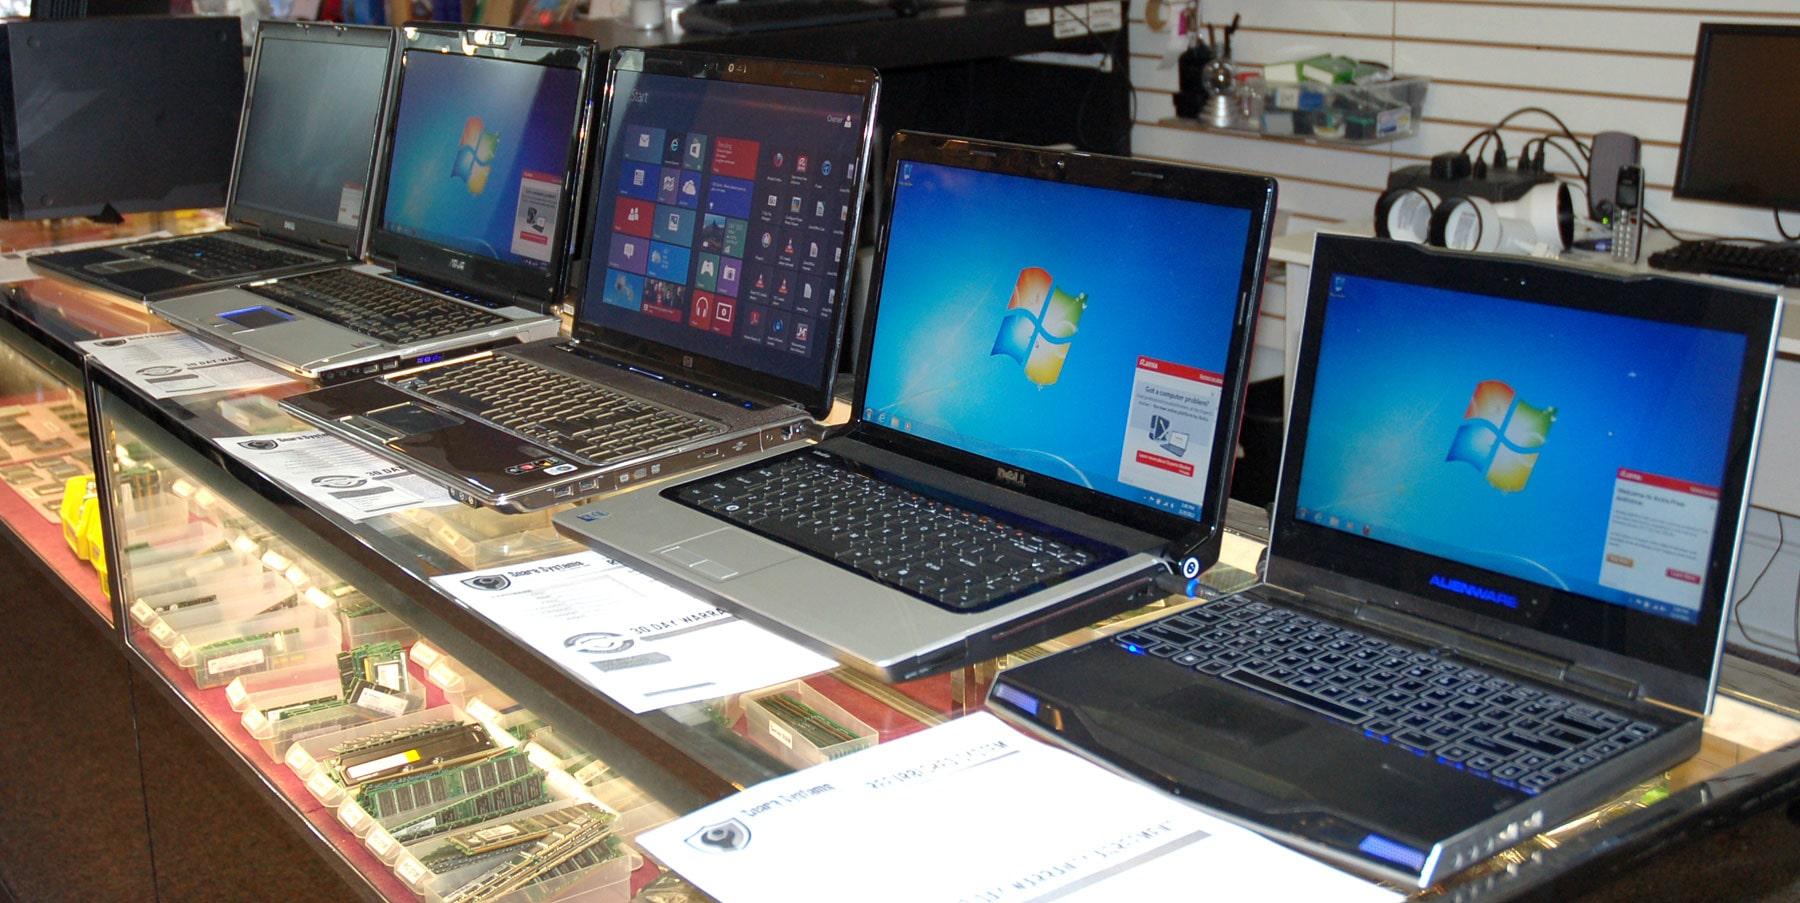 لپ تاپ مناسب برنامه نویسی - لپ تاپ استوک